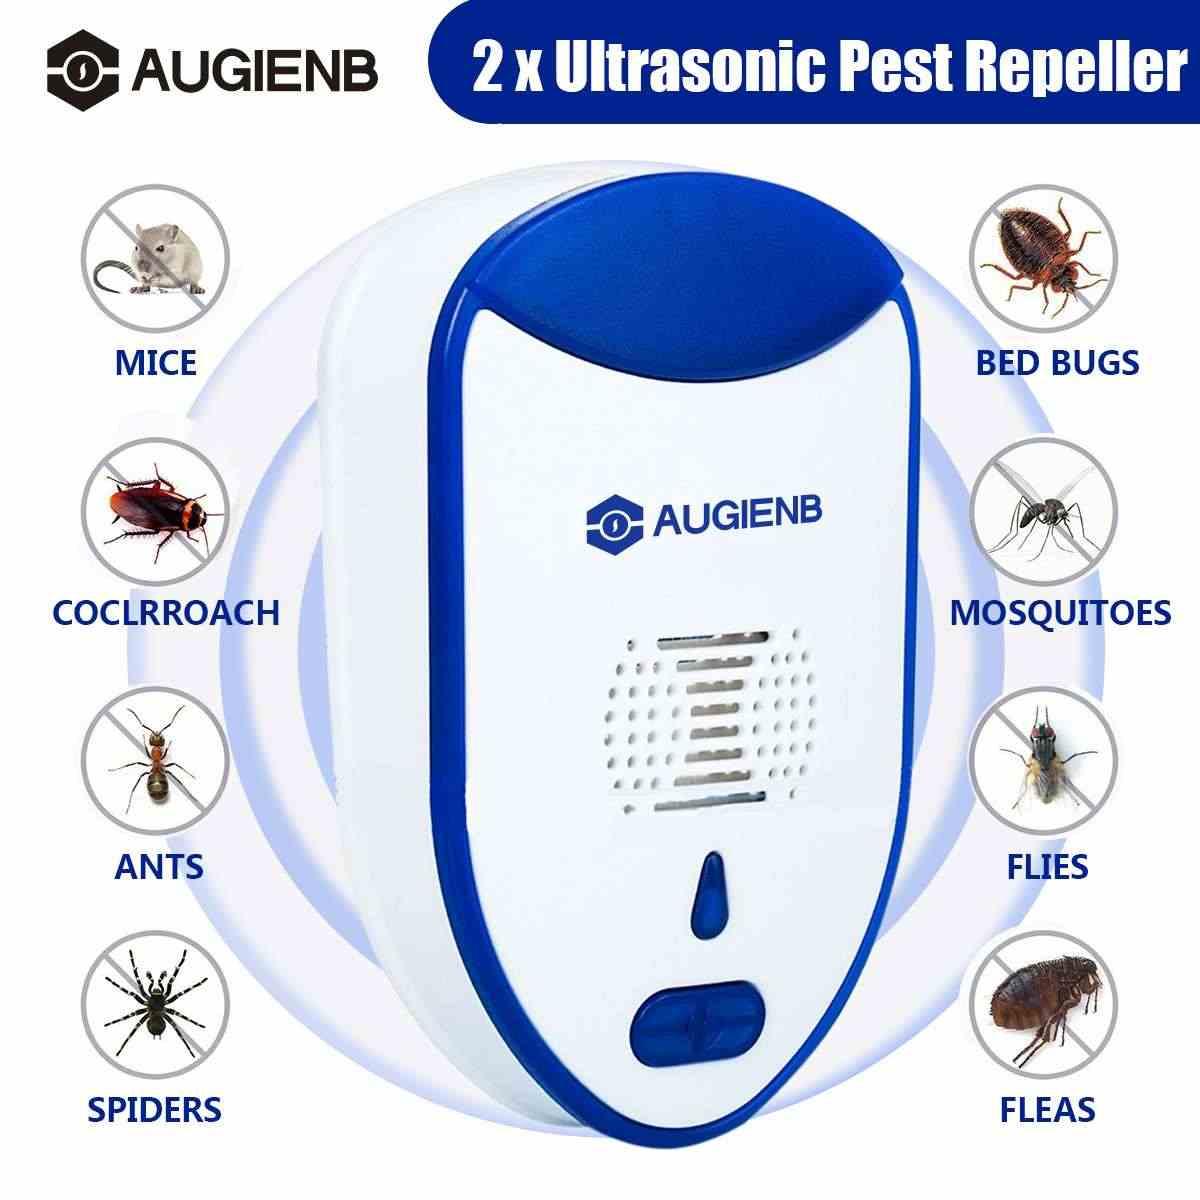 2 حزمة AUGIENB الإلكترونية القط بالموجات فوق الصوتية مكافحة البعوض مبيد الحشرات الجرذ الصرصور الآفات الرافض طارد الاتحاد الأوروبي الولايات المتحدة التوصيل